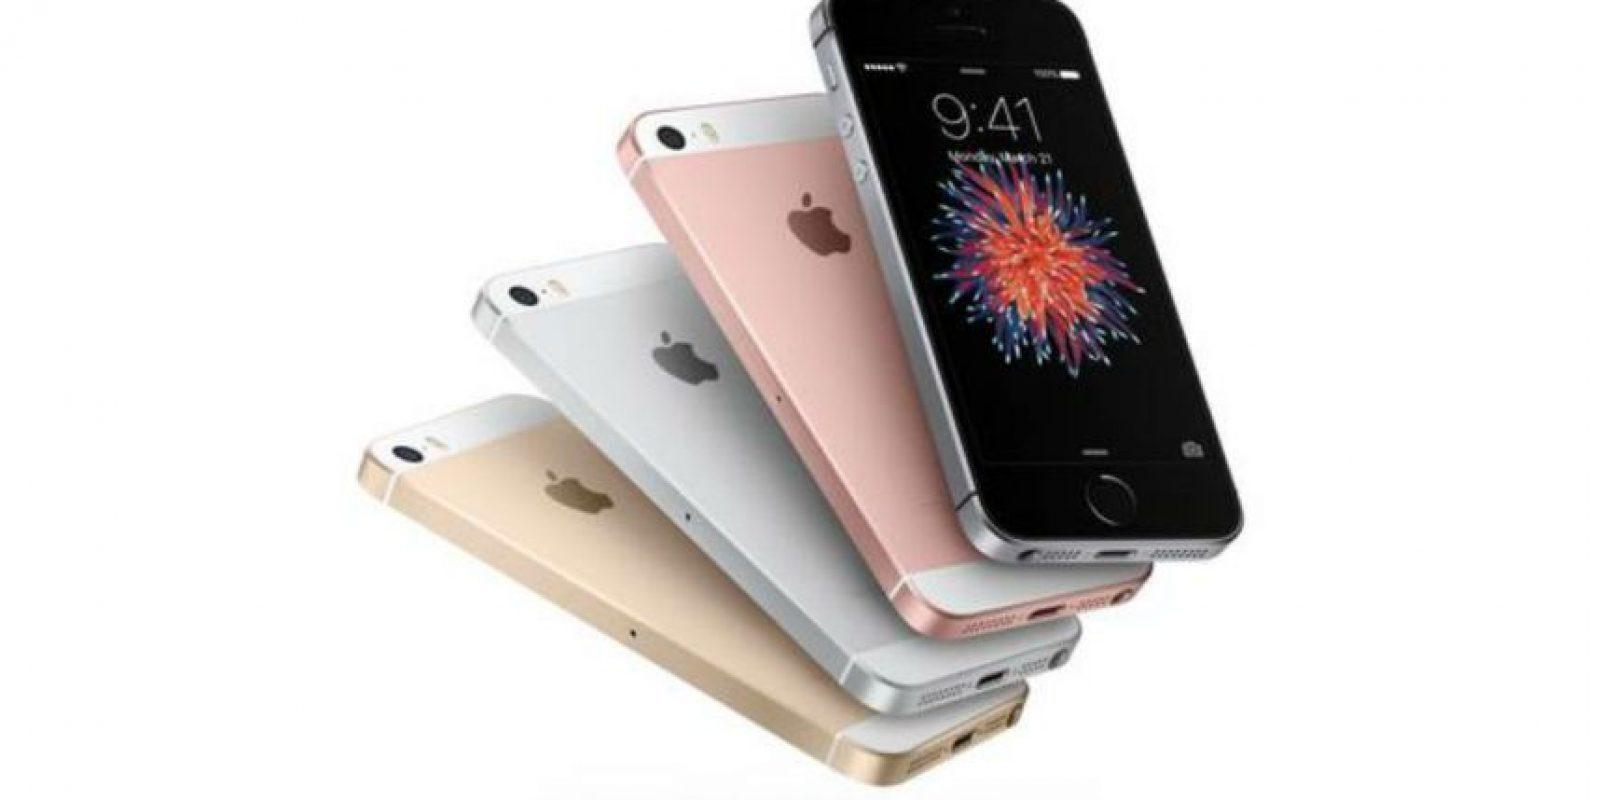 El celular más reciente de Apple es el iPhone SE. Foto:Apple